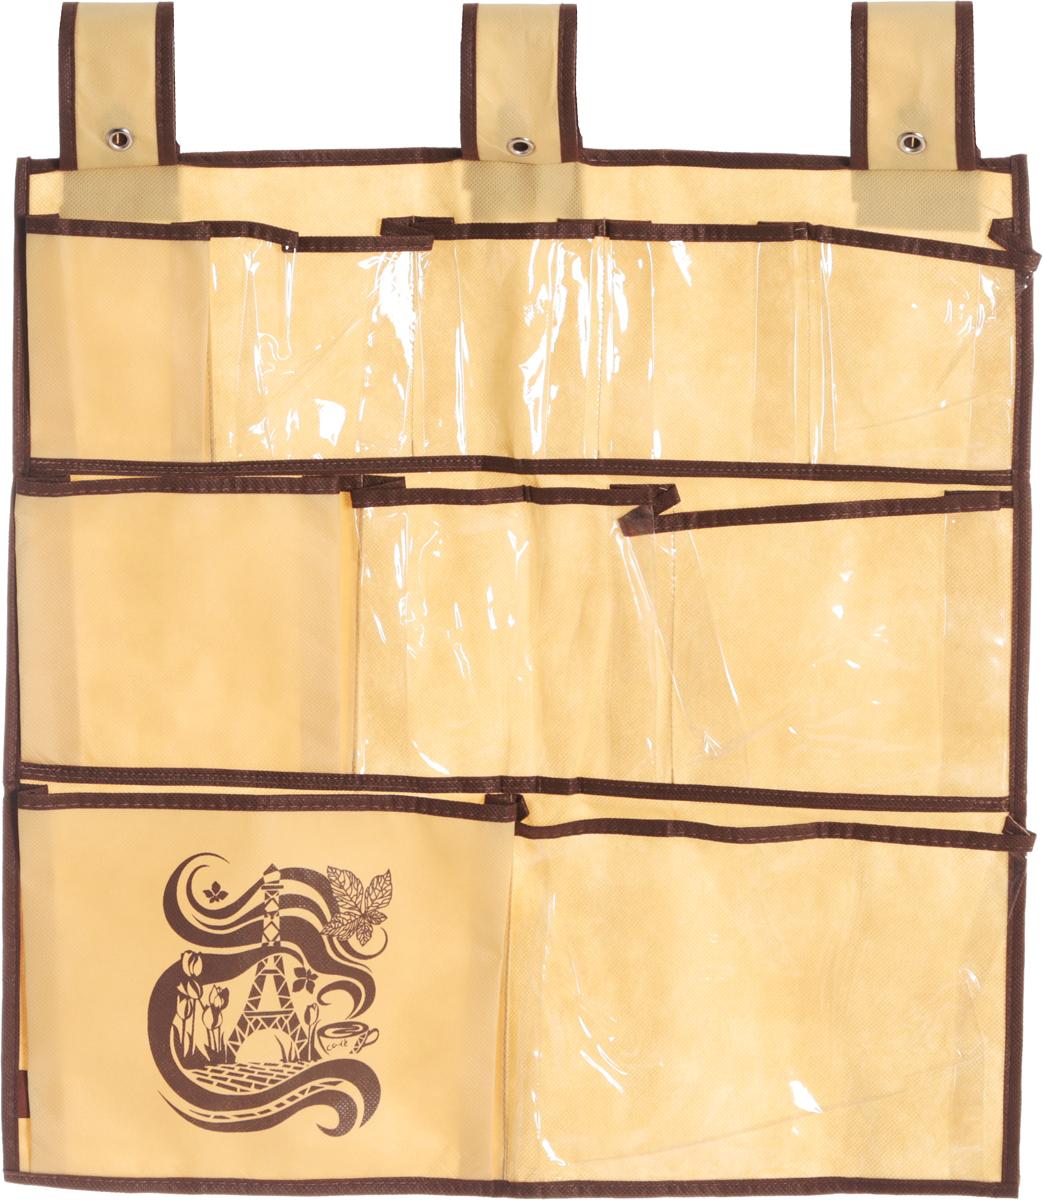 Органайзер для мелочей Все на местах Париж, подвесной, цвет: коричневый, бежевый, 10 карманов, 56 x 56 смPANTERA SPX-2RSПодвесной органайзер Все на местах Париж, изготовленный из ПВХ и спанбонда, предназначен для хранения необходимых вещей, множества мелочей в гардеробной, ванной комнате. Изделие оснащено 10 пришитыми кармашками. Крепится органайзер на широкие лямки на липучках.Этот нужный предмет может стать одновременно и декоративным элементом комнаты. Яркий дизайн, как ничто иное, способен оживить интерьер вашего дома. Размер органайзера: 56 х 56 см.